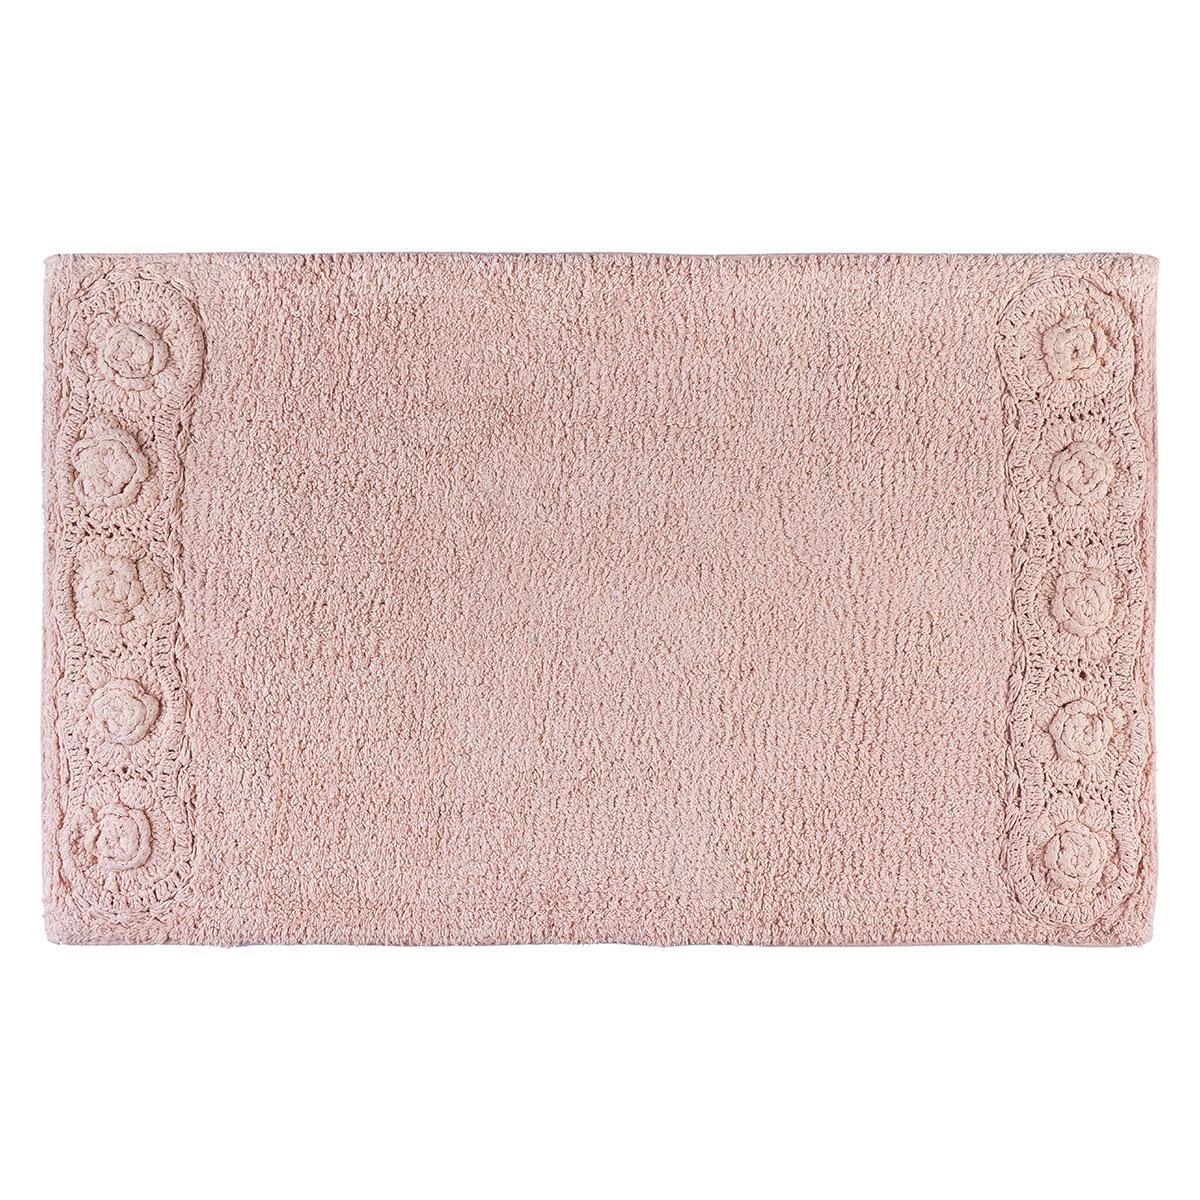 Ταπέτο μπάνιου Art 3280 60×90 Ροζ Beauty Home